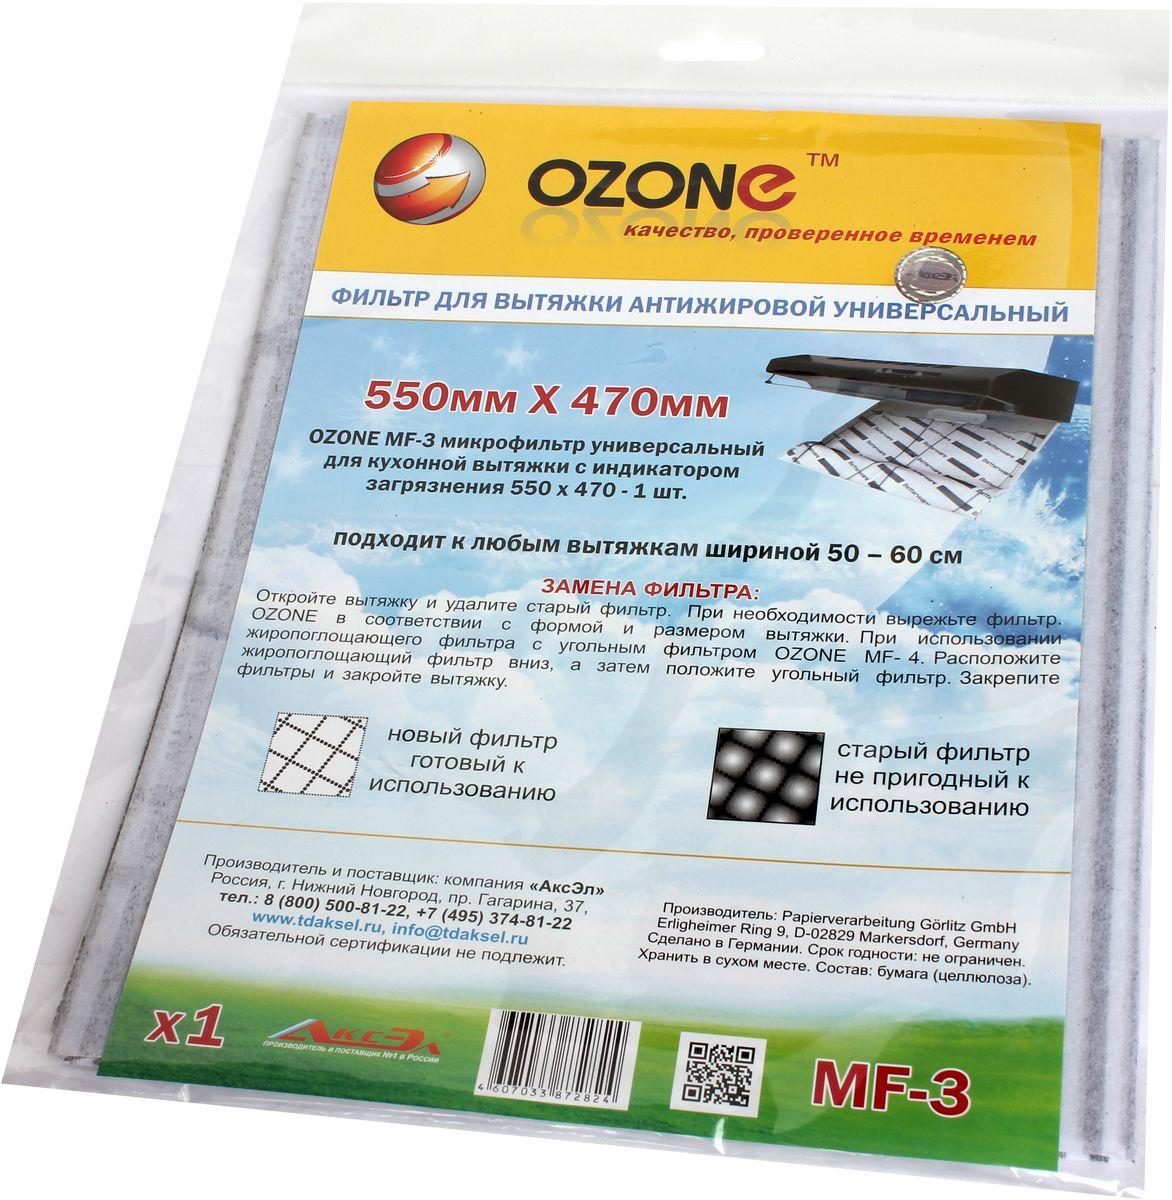 Ozone MF-3,микрофильтр для вытяжки антижировой универсальный Ozone